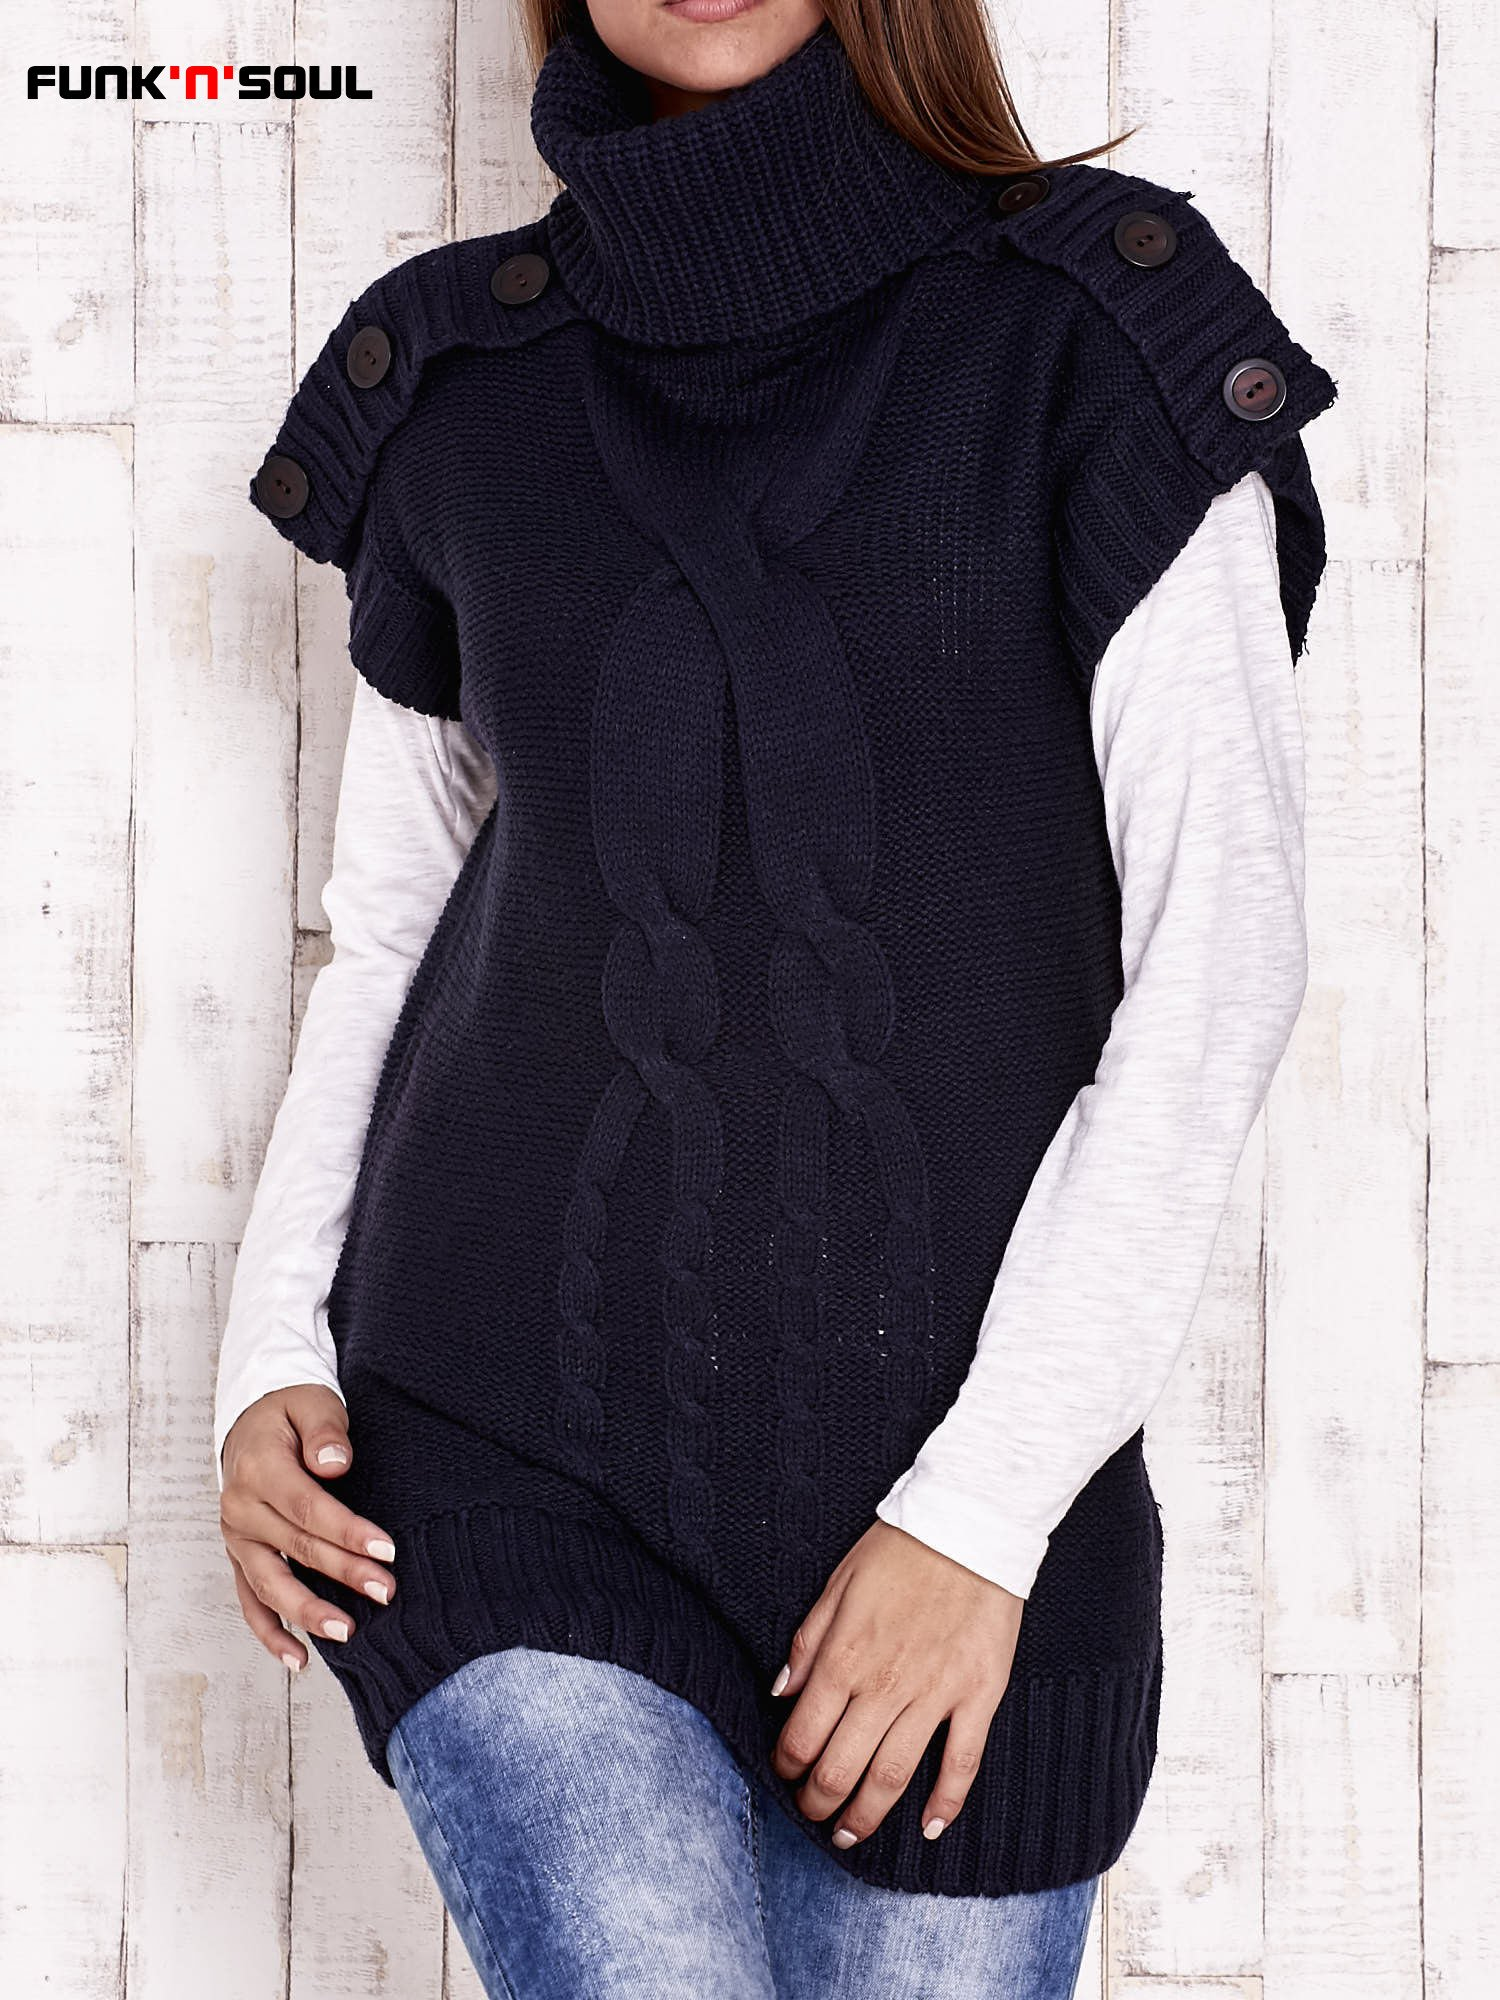 Granatowy sweter z golfem FUNK N SOUL                                  zdj.                                  1